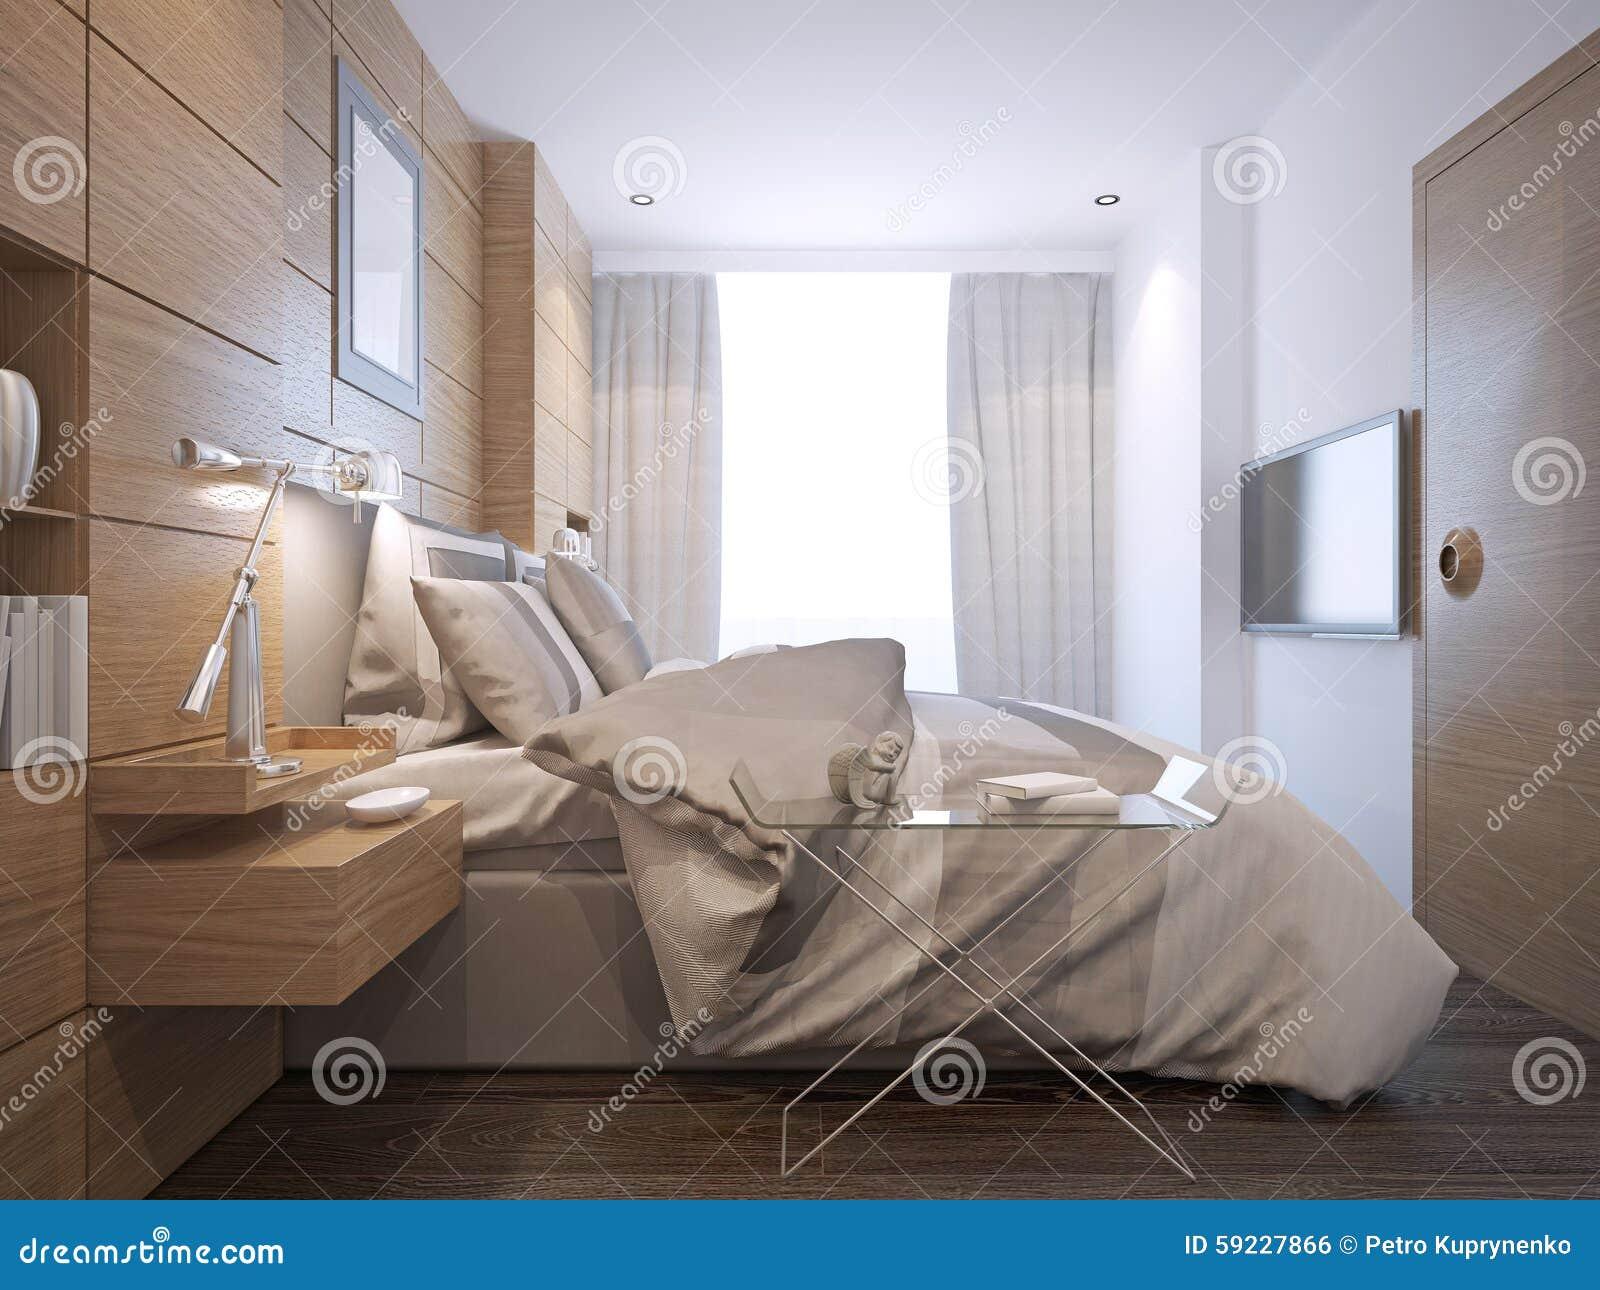 Download Estilo Brillante Del Desván Del Dormitorio Stock de ilustración - Ilustración de cómodo, elegante: 59227866